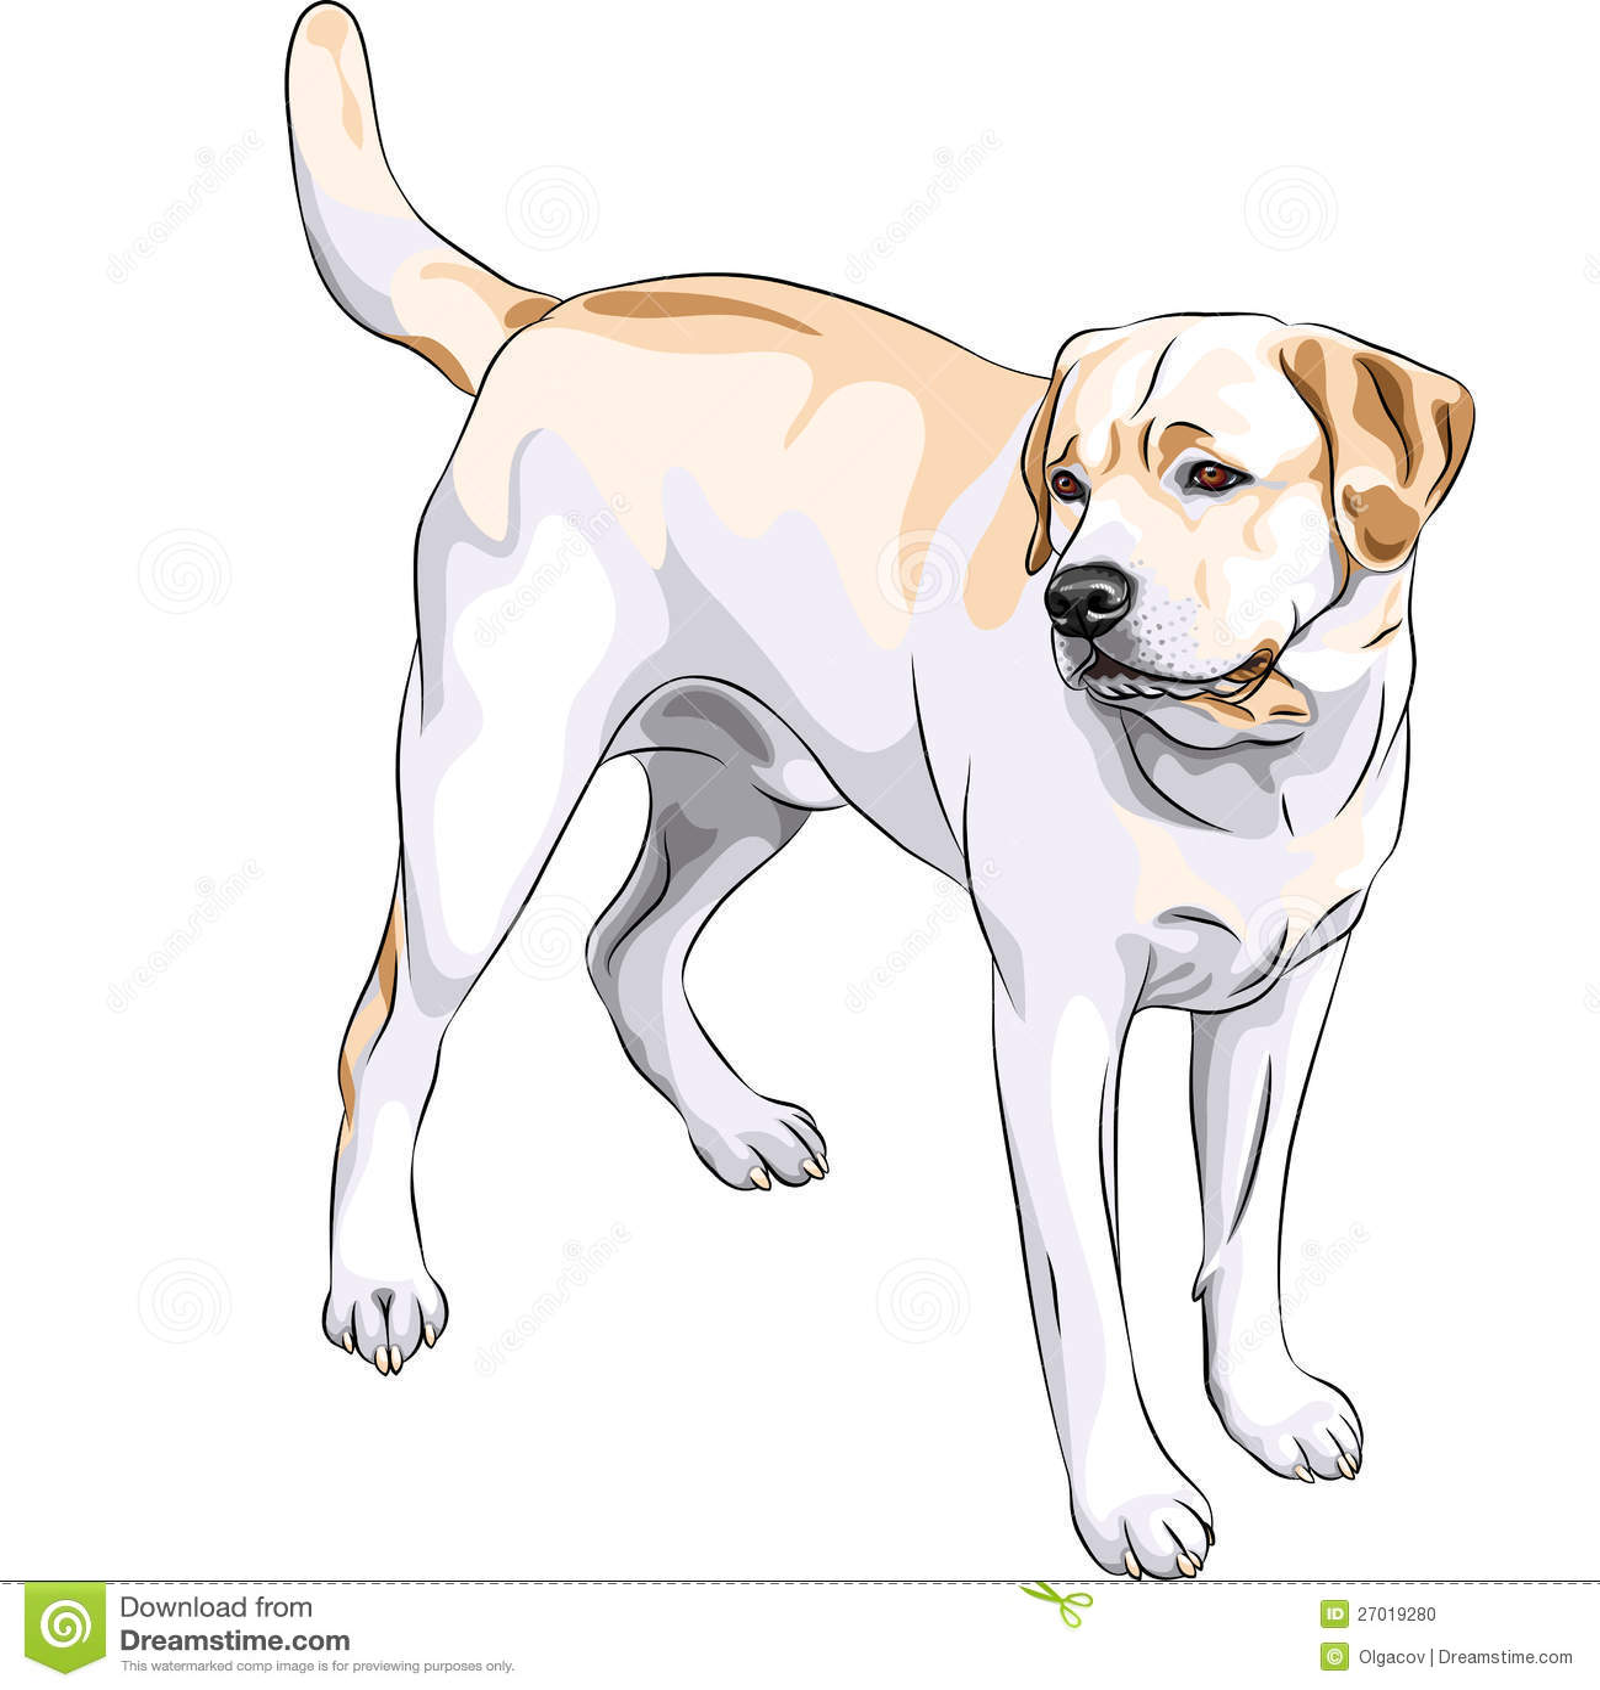 Labrador Retriever Yellow With Big Tail. Stock Image - Image of ...